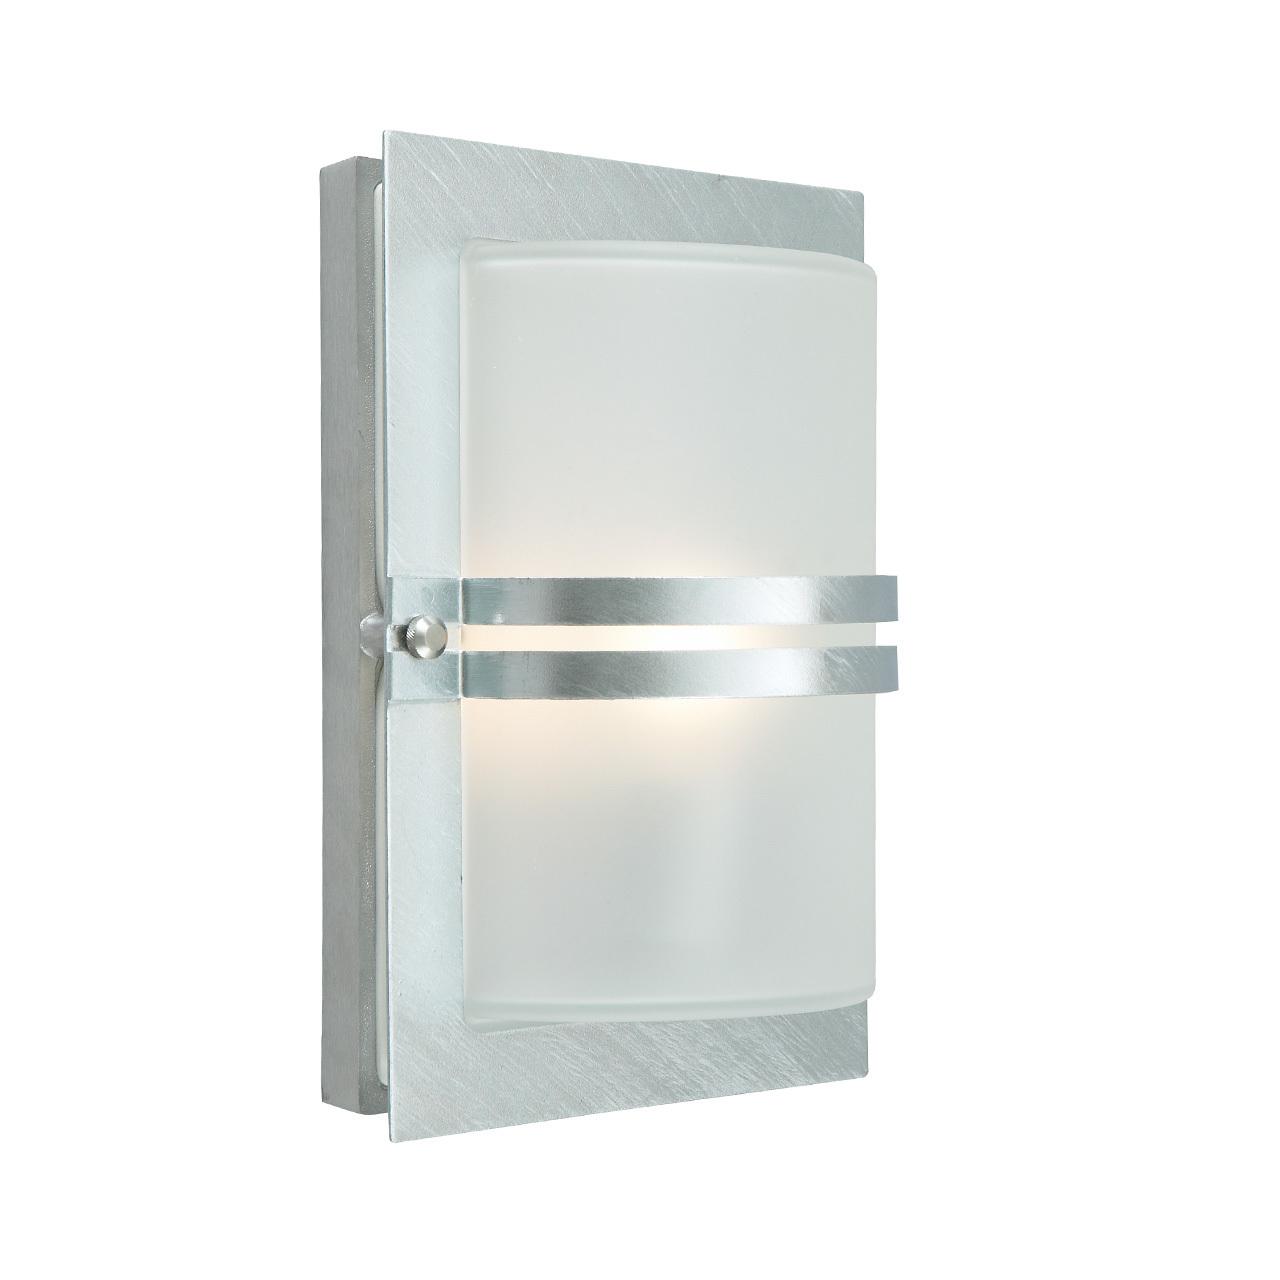 Lampa ścienna BASEL 661GA -Norlys  SPRAWDŹ RABATY  5-10-15-20 % w koszyku